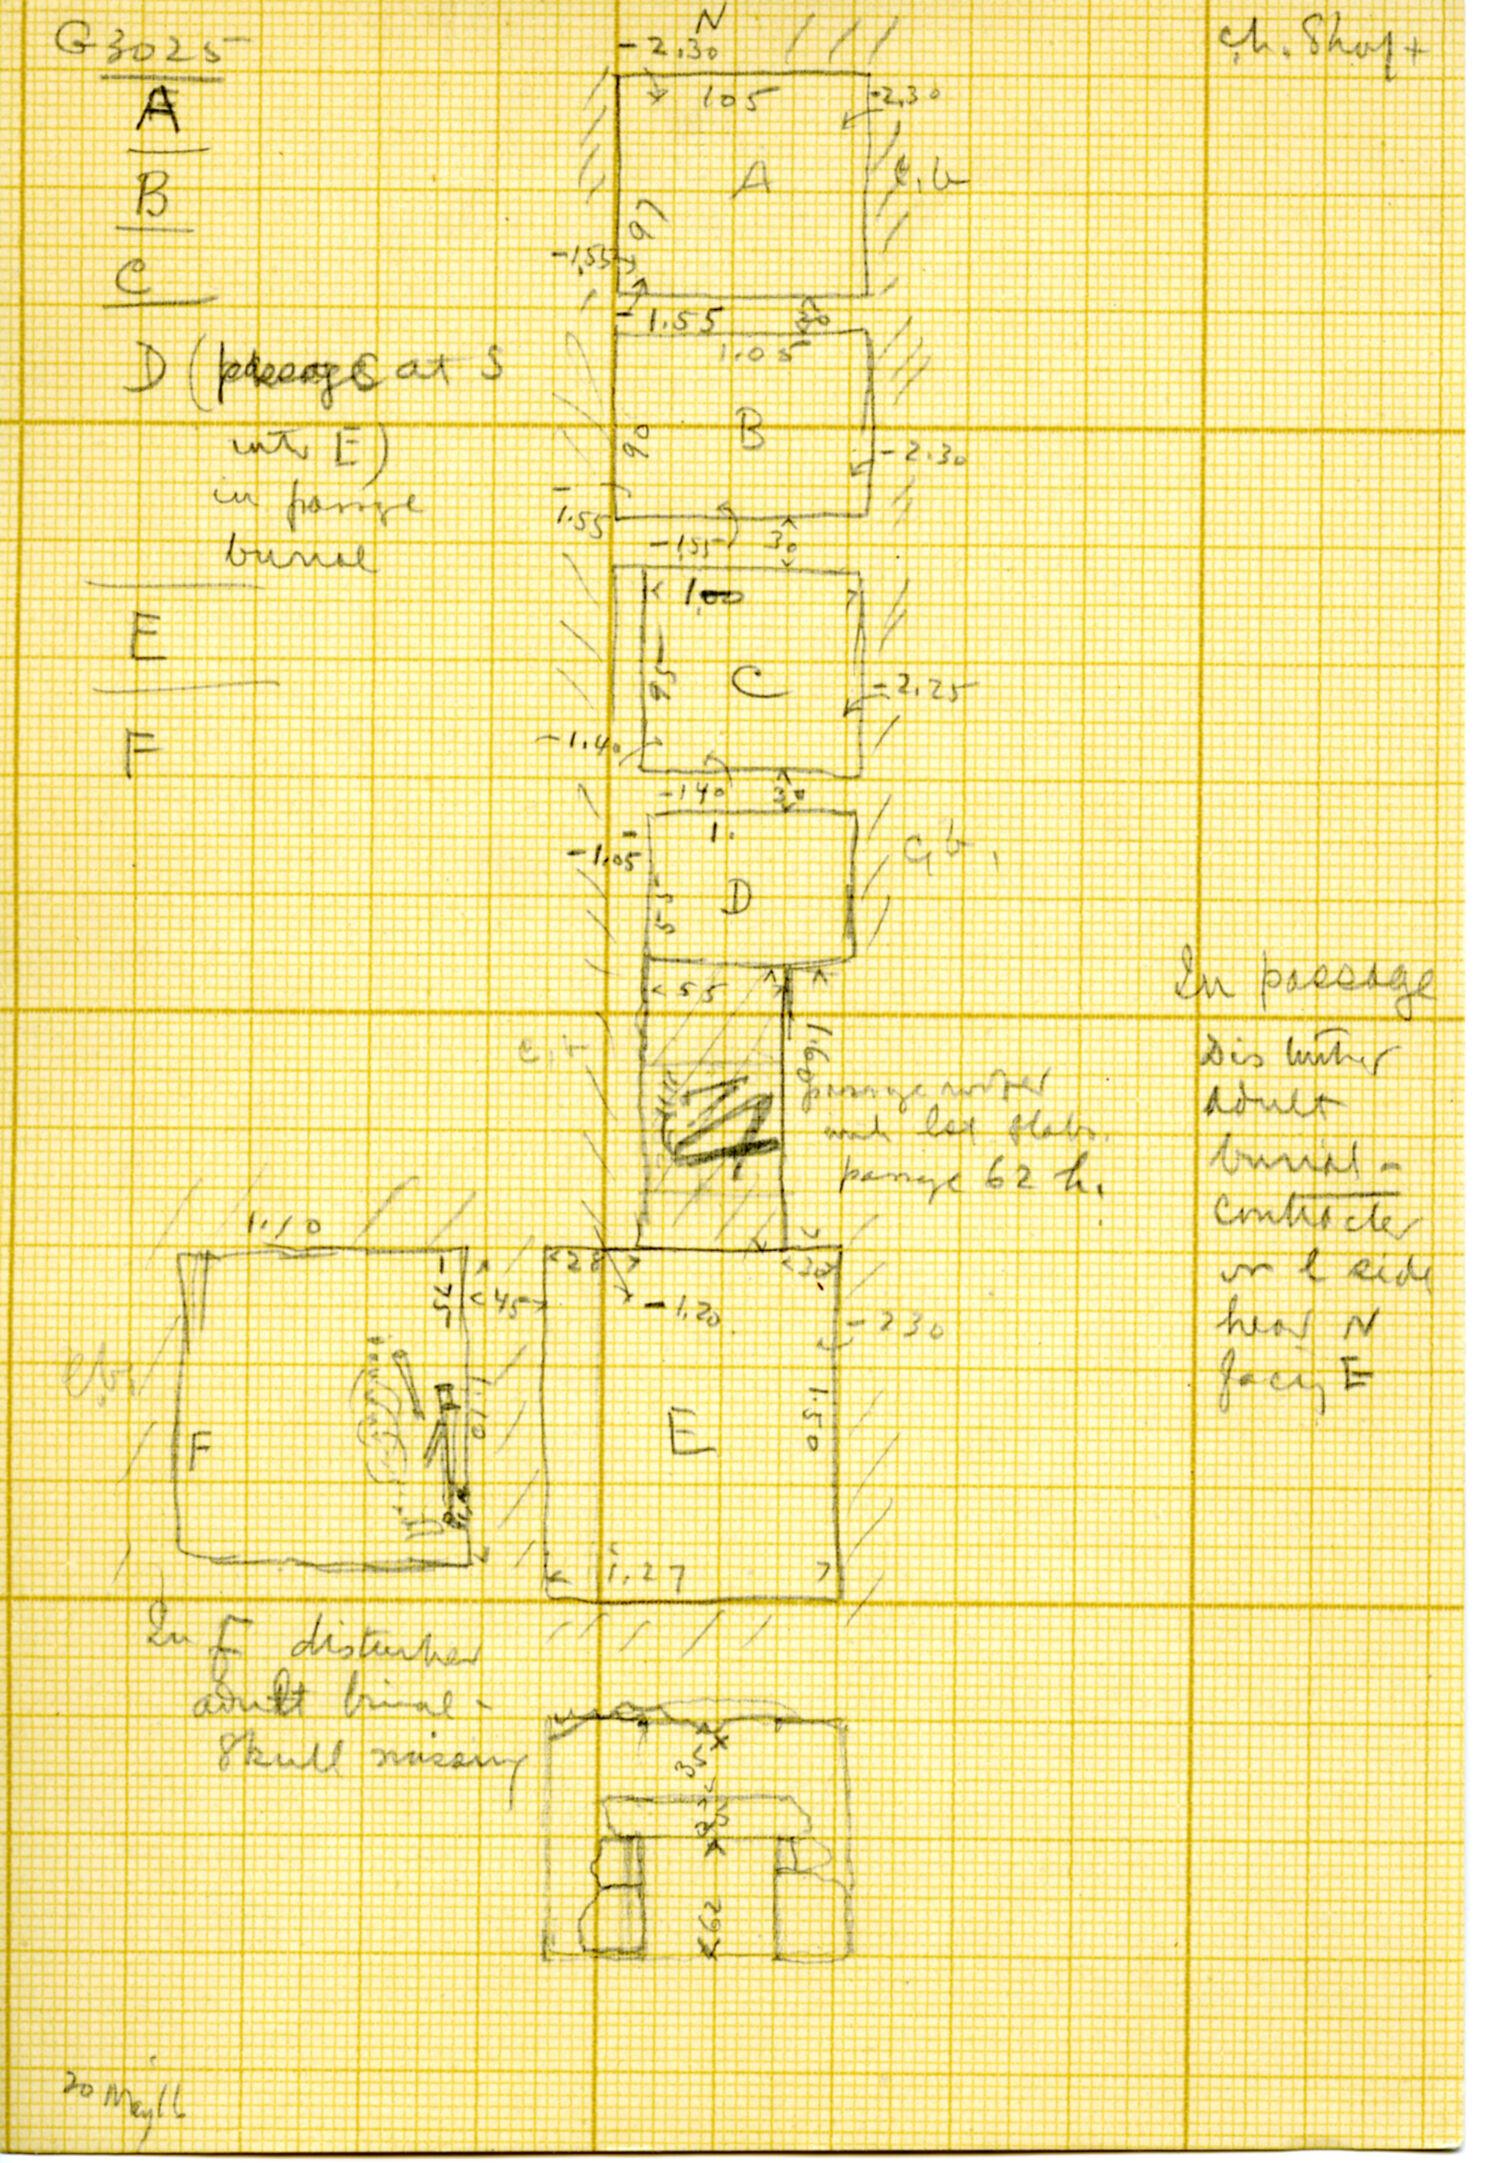 Maps and plans: G 3025, Shafts A, B, C, D, E, F